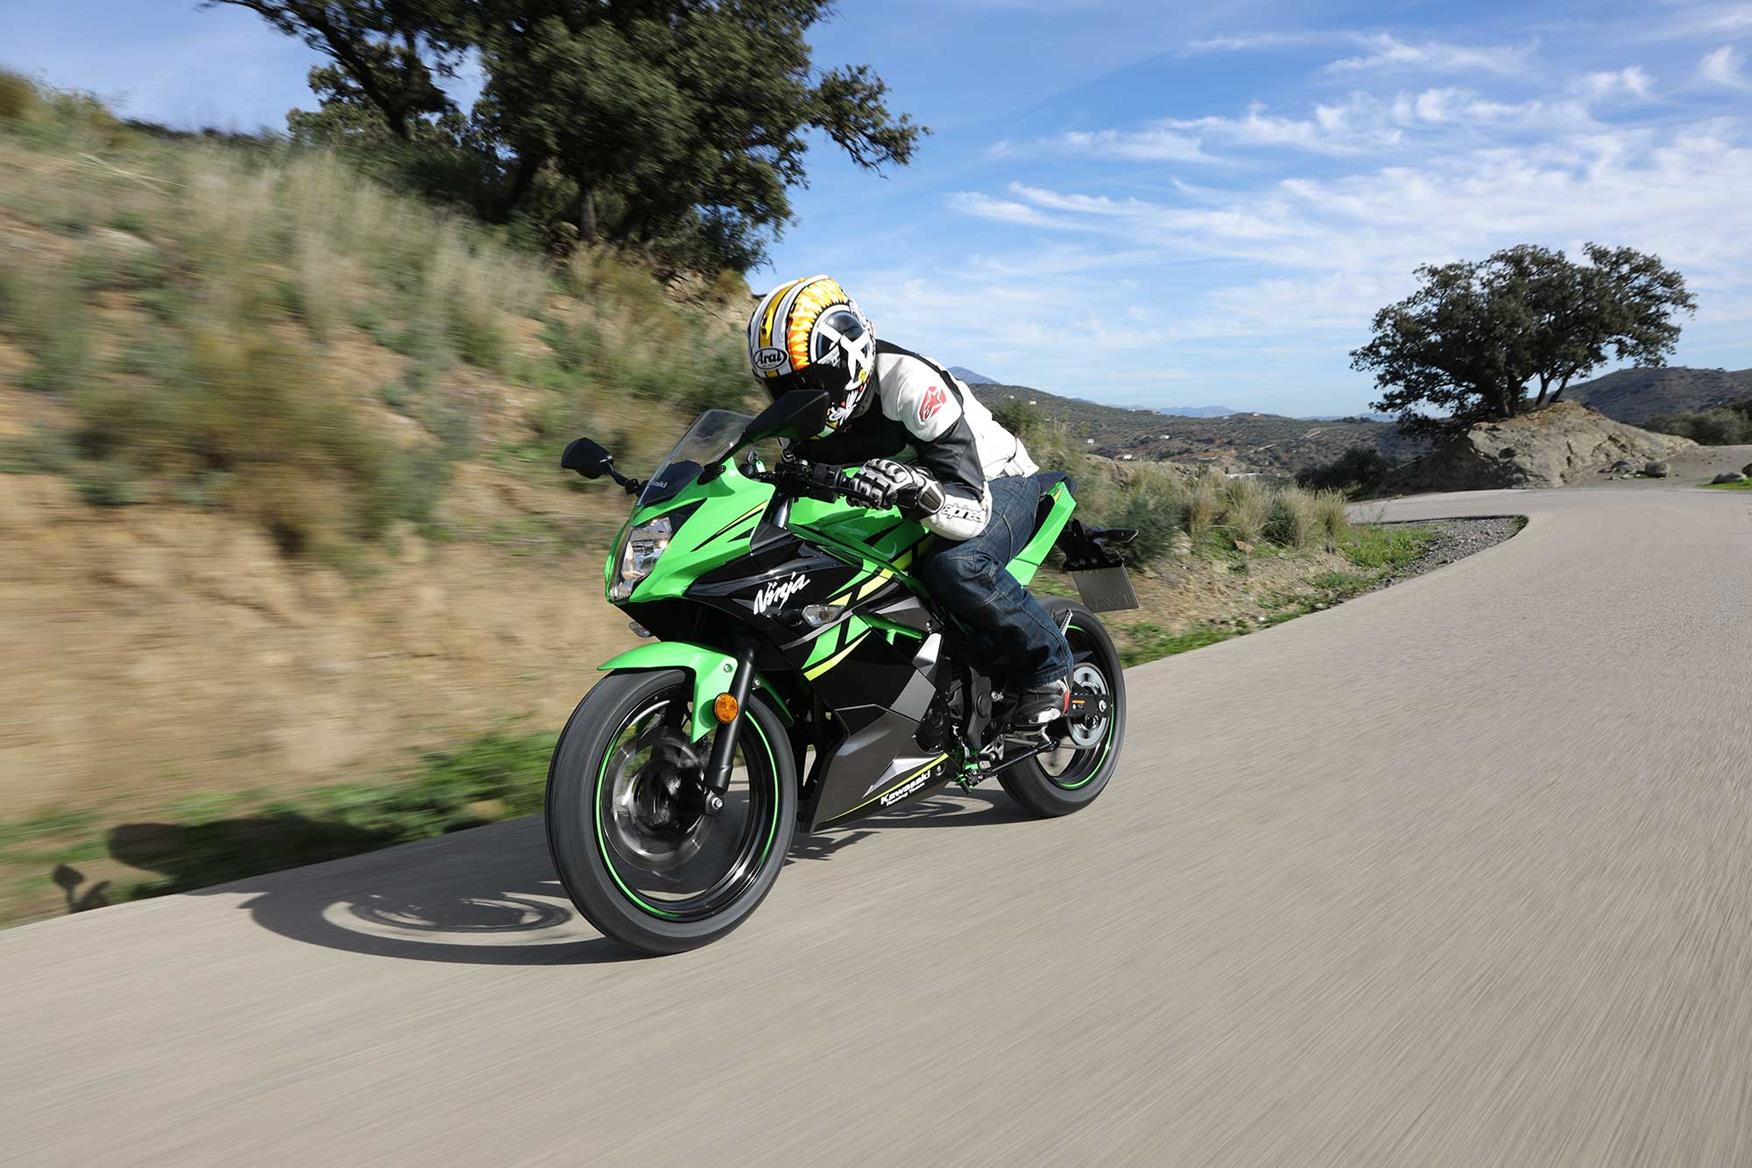 Kawasaki Ninja 125 2019 On Review